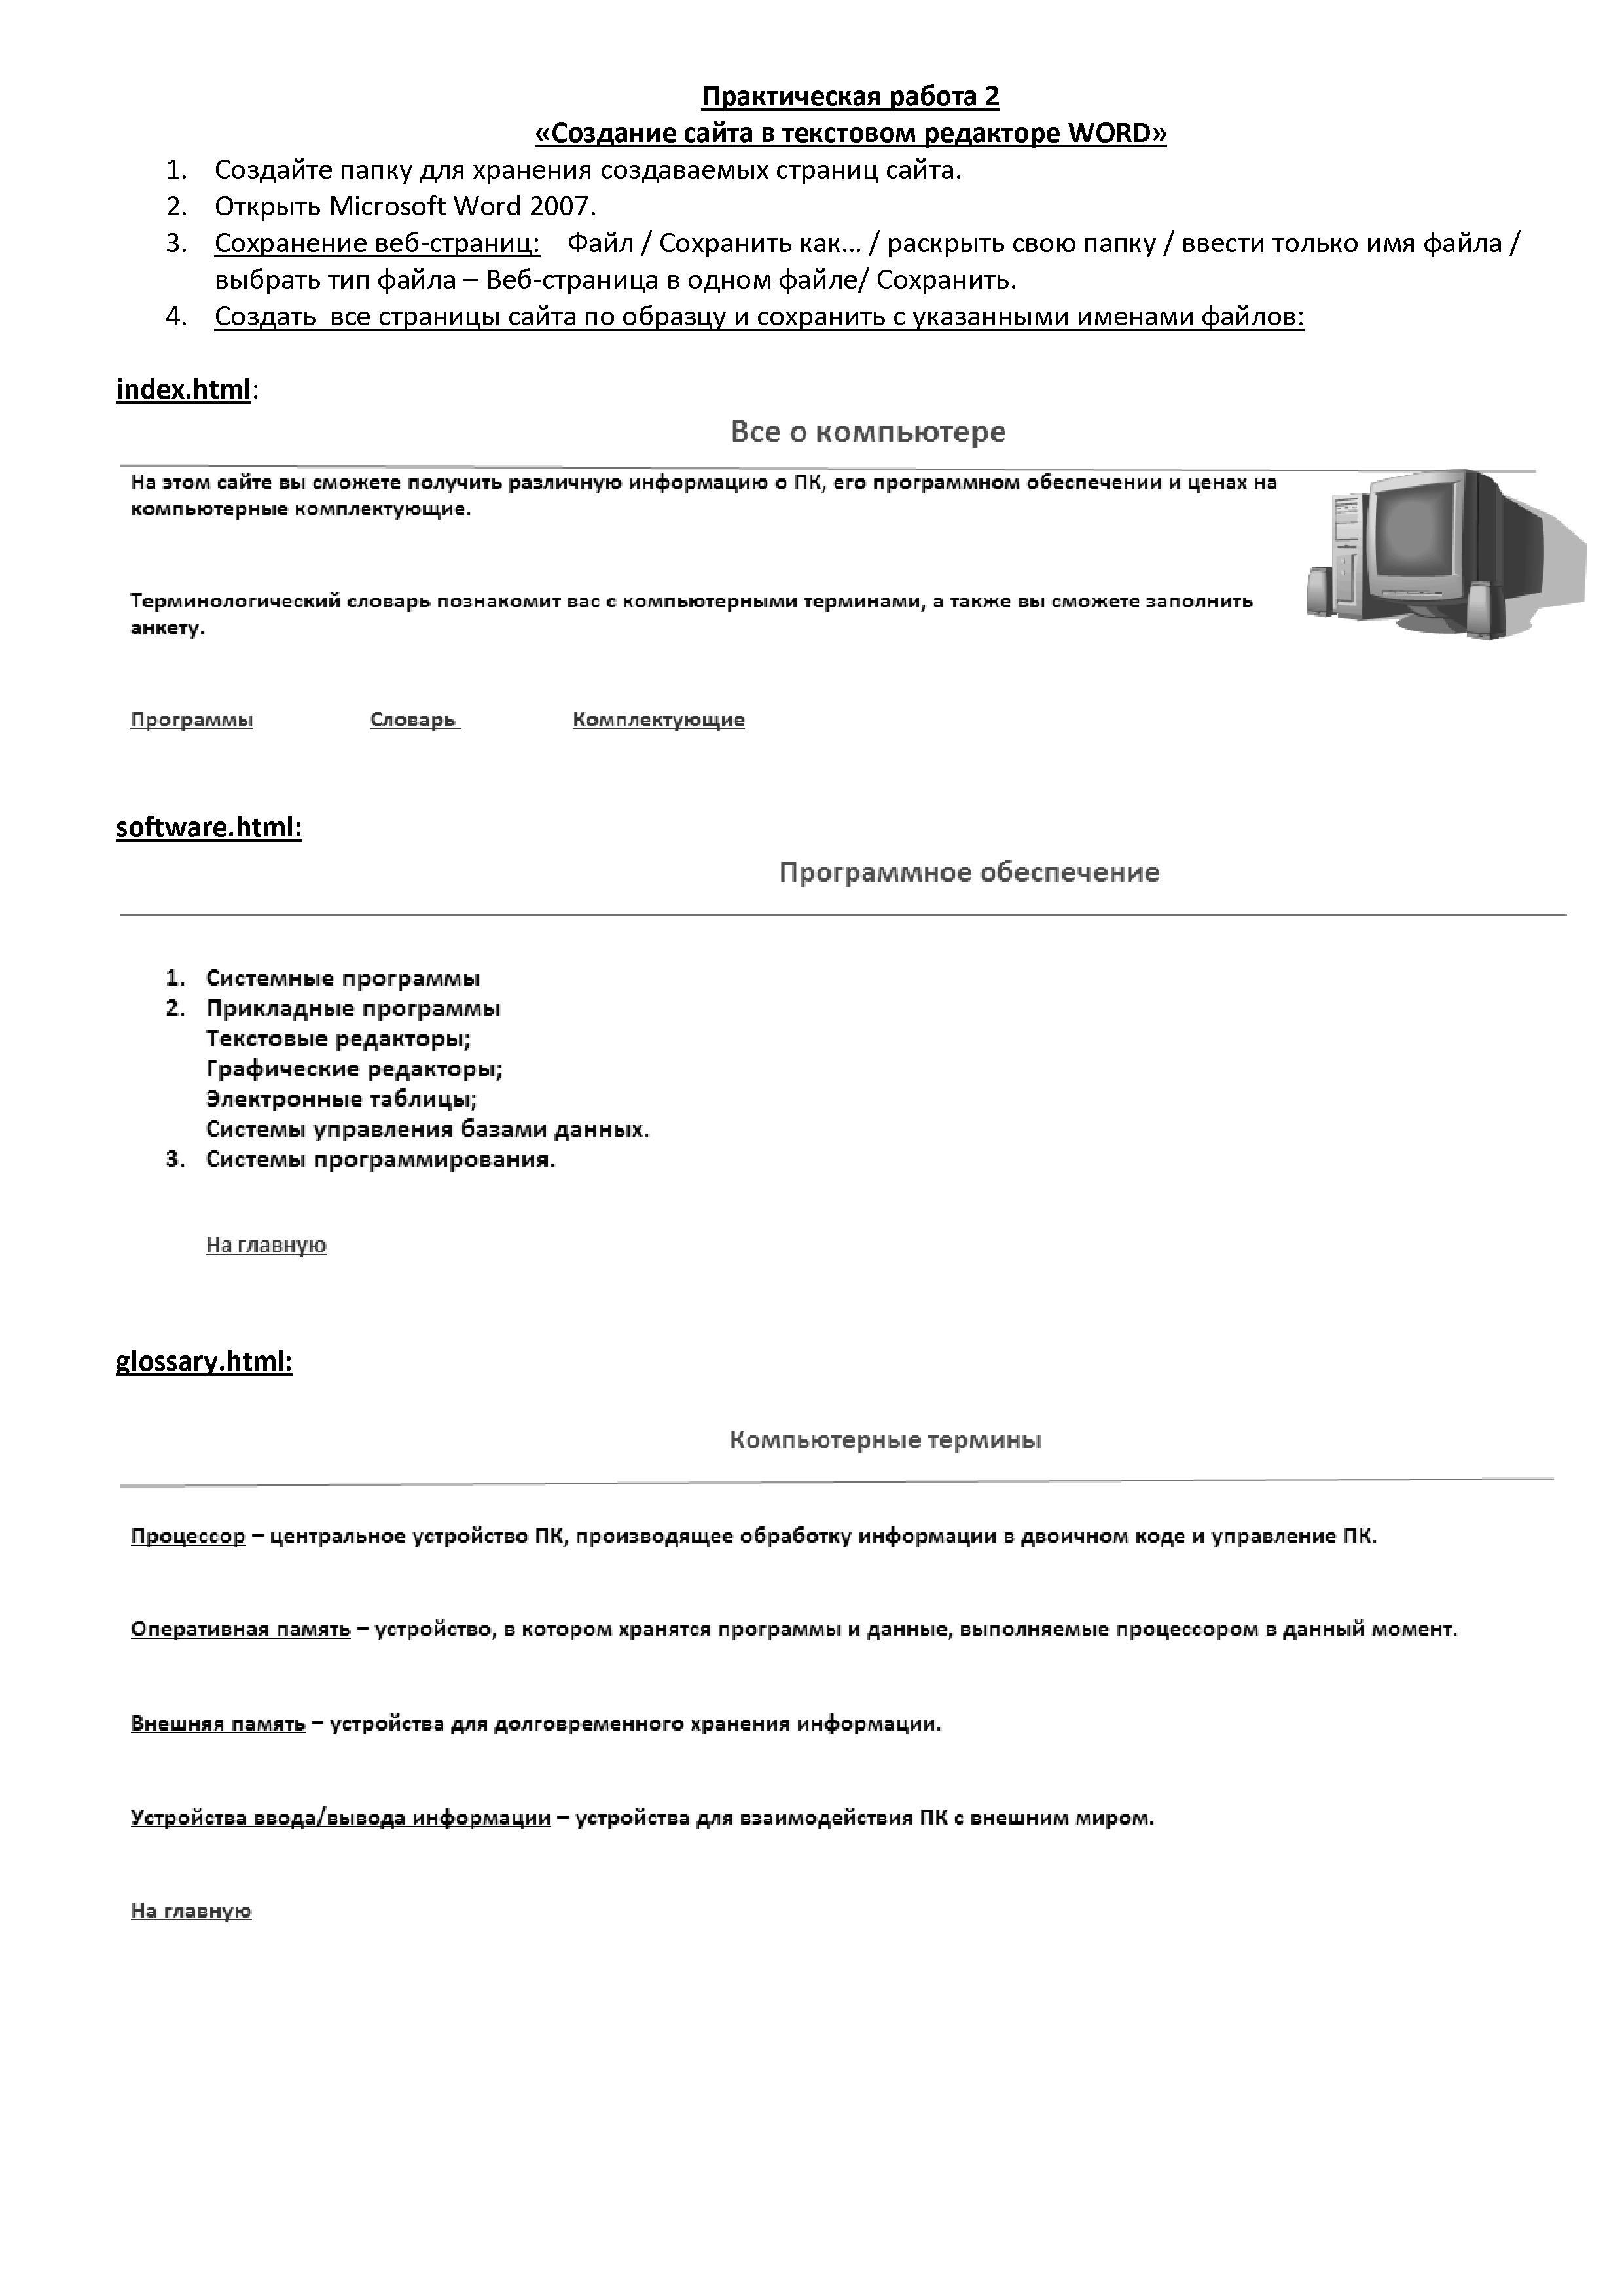 F:\АТТЕСТАЦИЯ моя\материалы к уроку\Создание сайта с помощью Word. Практическая работа №2 - 0001.jpg